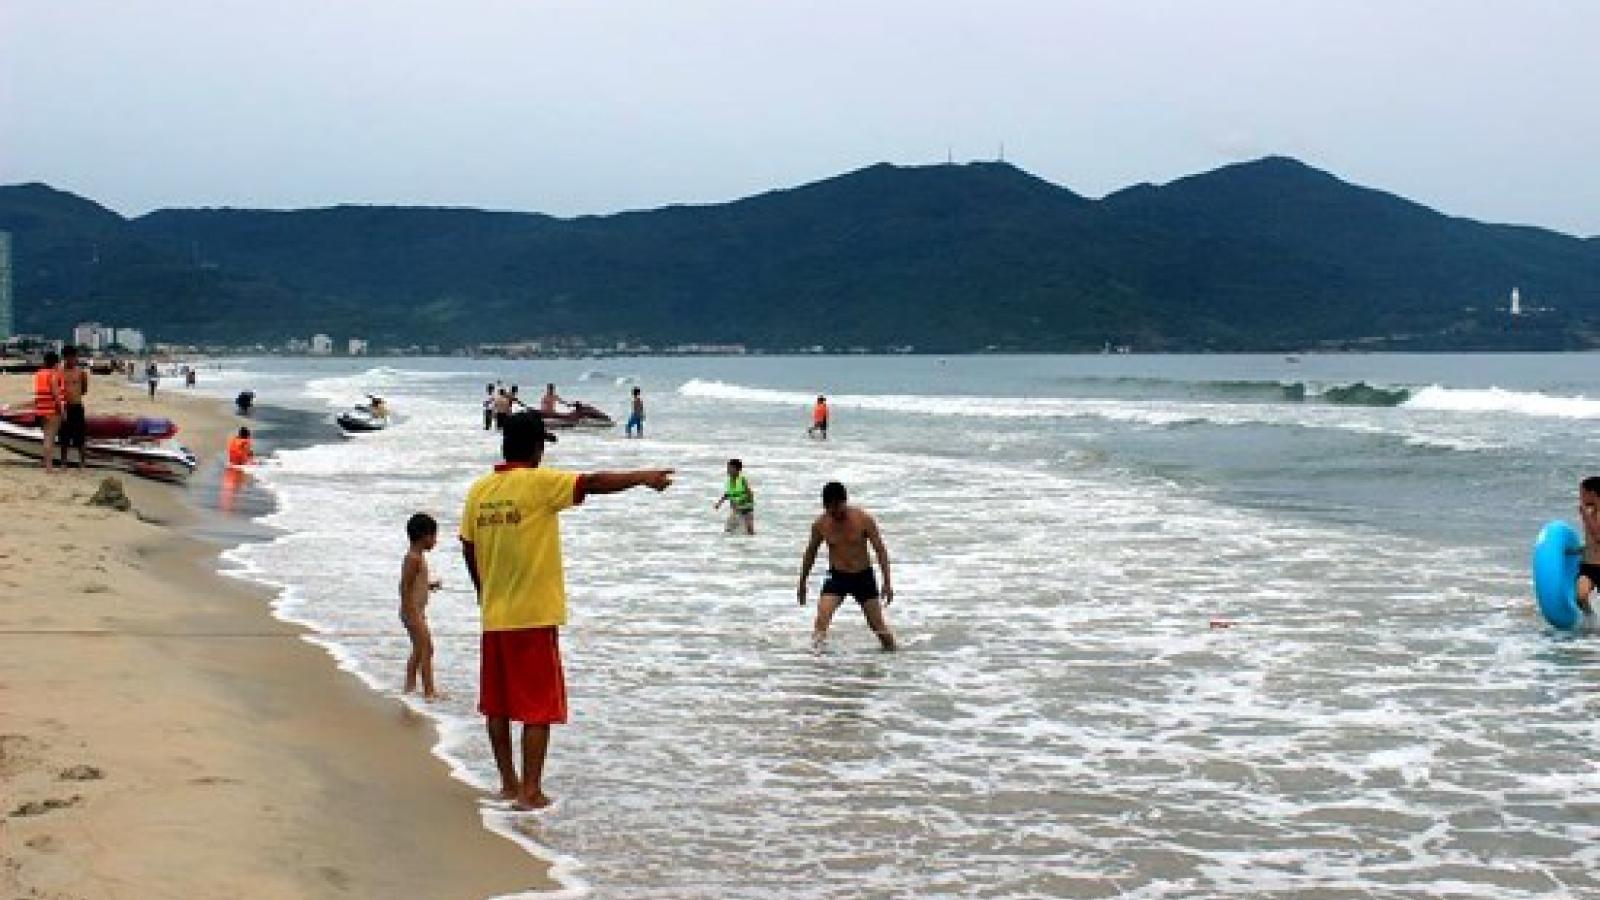 Da Nang assures coastal waters safe amid ongoing fish-death crisis